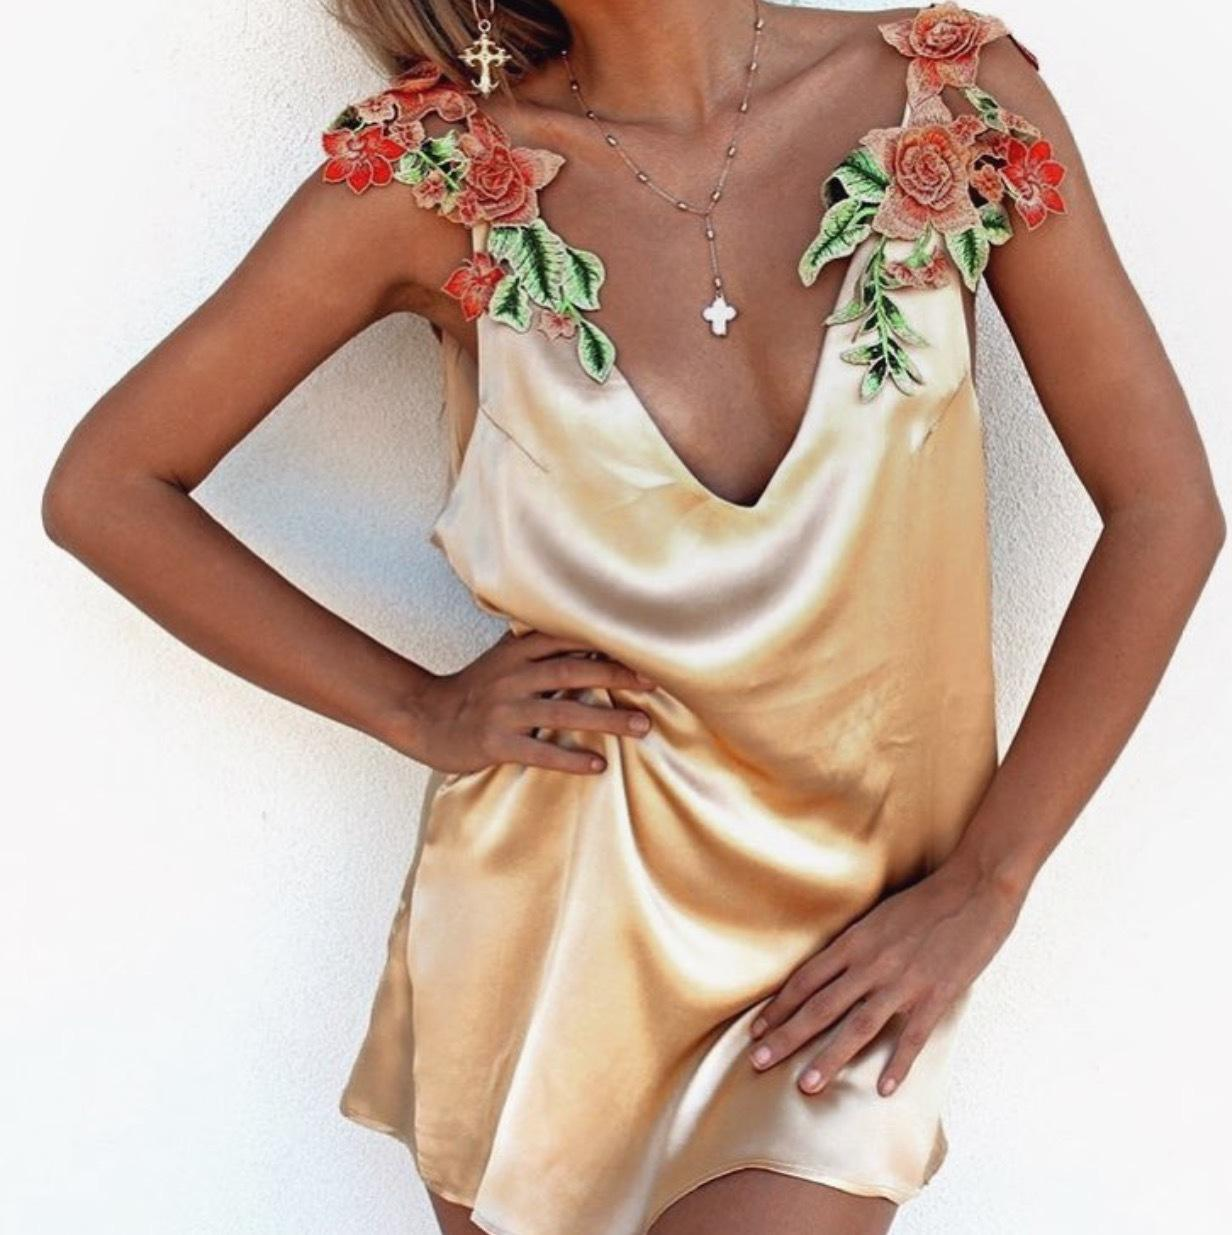 جديد يورو حجم عطلة اللباس الأزهار التطريز اللباس أزياء العميق الخامس الرقبة أكمام مثير شاطئ البسيطة اللباس صالح للصيف